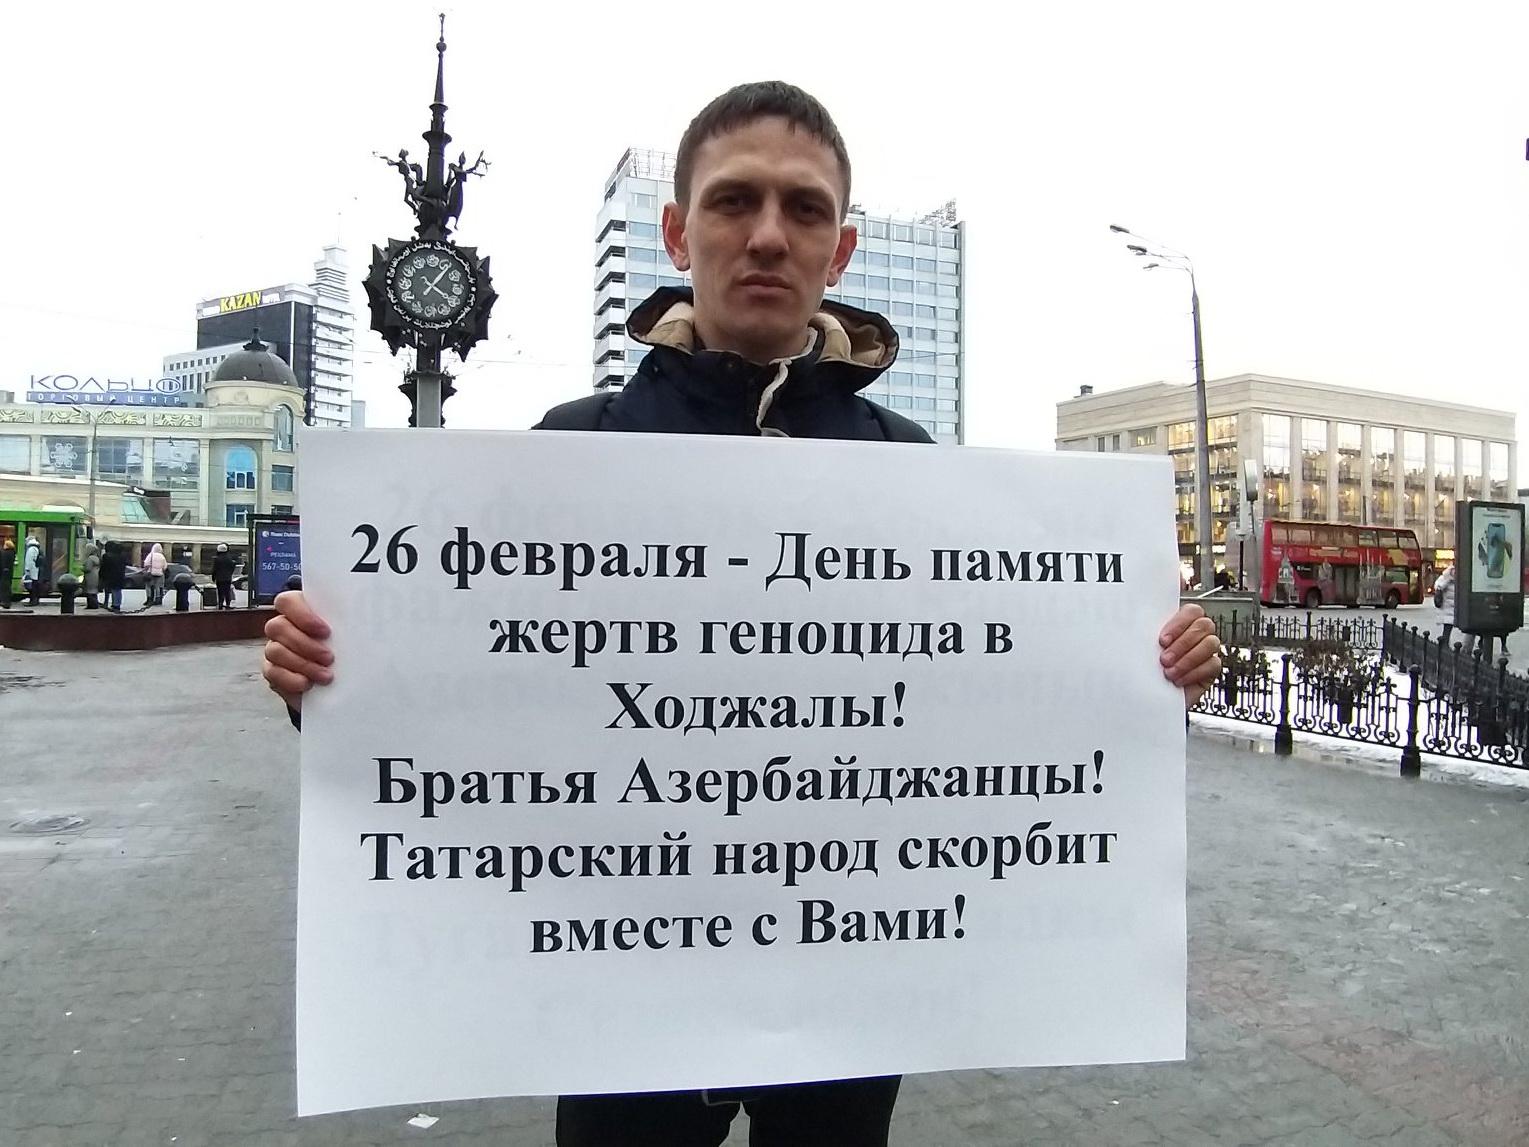 Татарские активисты о геноциде в Ходжалы: «Мы скорбим вместе с вами!» - ФОТО